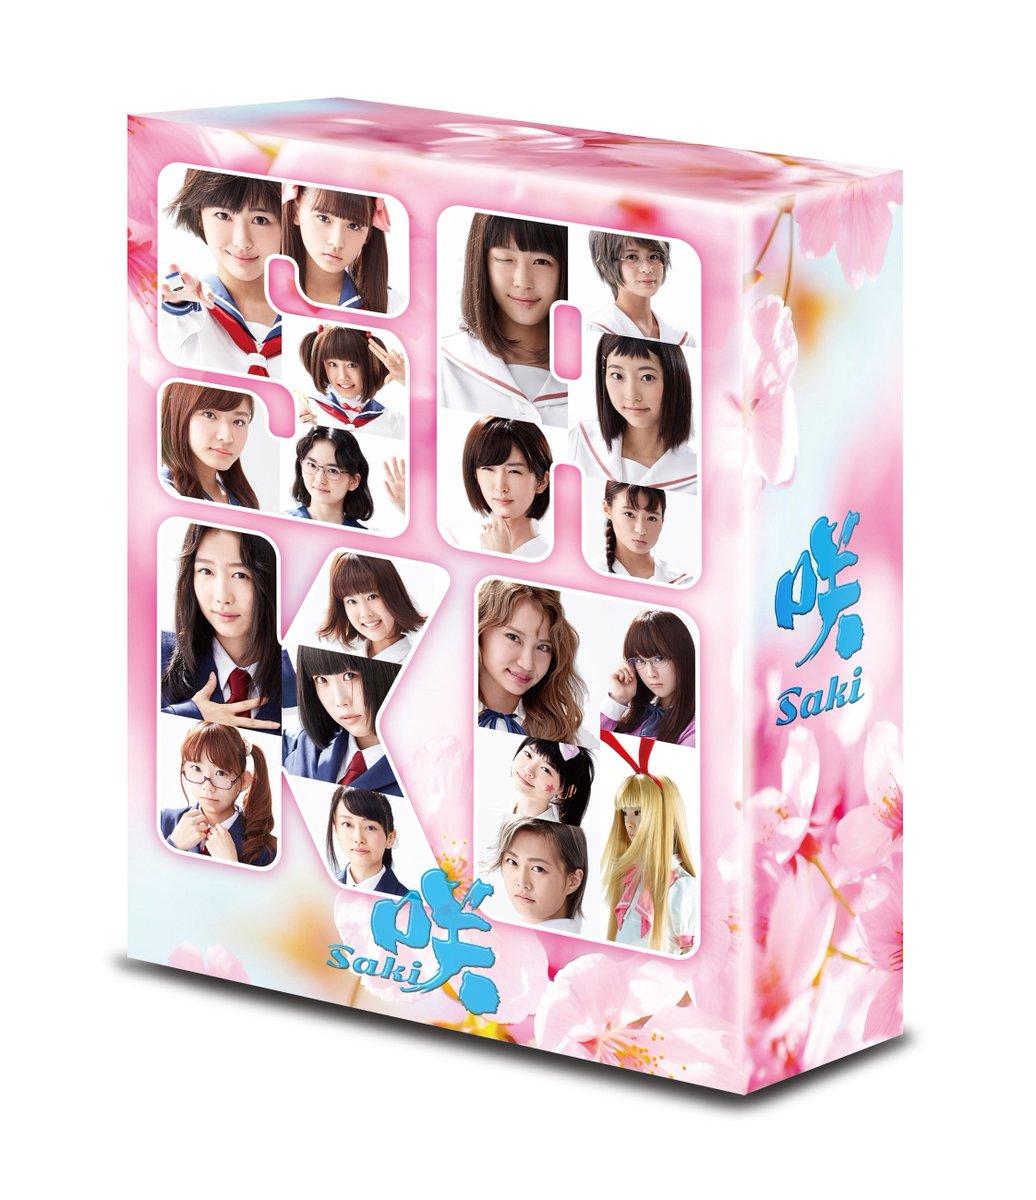 映画『咲-Saki-』のジャケット写真が完成しました😆☆【Blu-ray 完全生産限定版】☆【Blu-ray、DVD通常